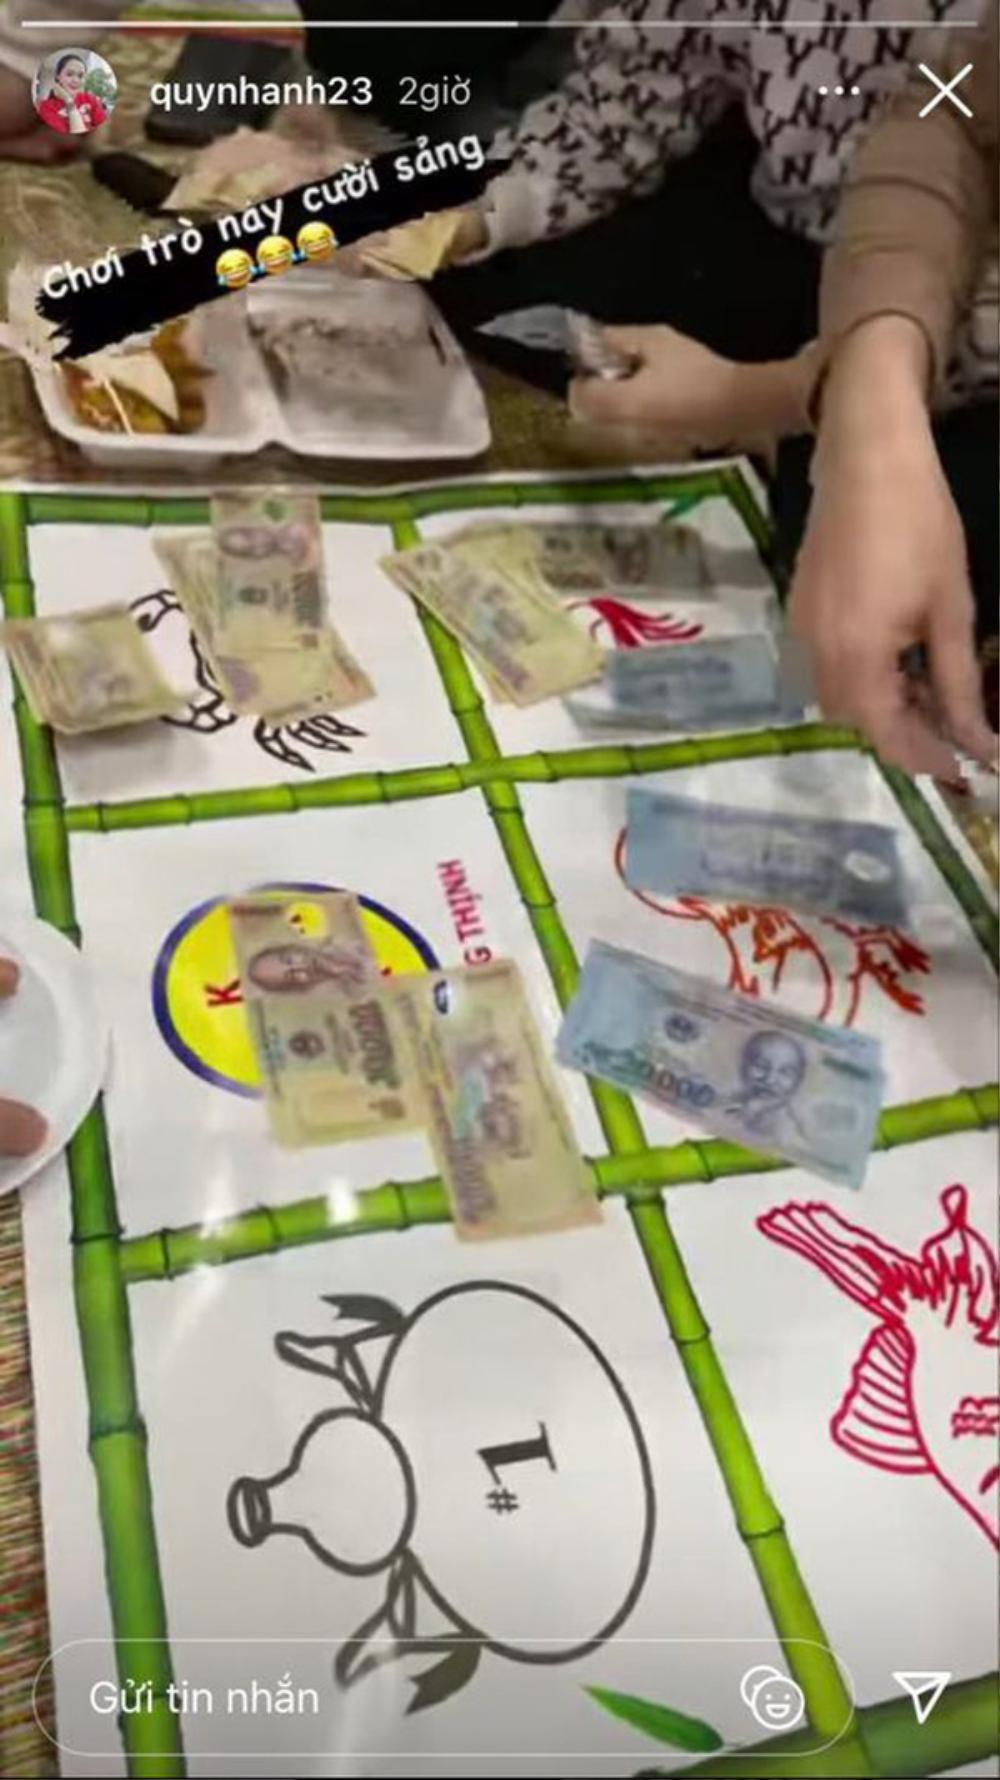 Nàng WAGs Quỳnh Anh gây tranh cãi khi khoe ảnh chơi game ăn tiền Ảnh 2